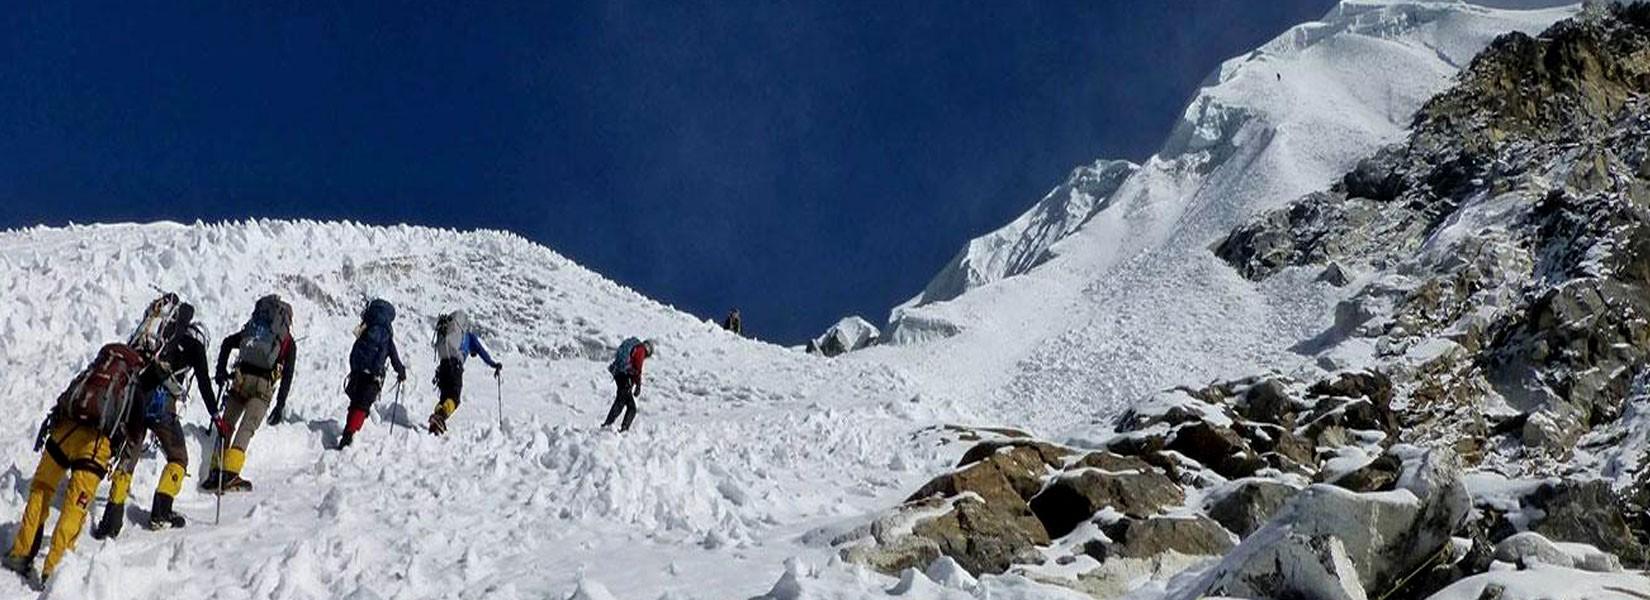 lobuche-east-peak-climbing